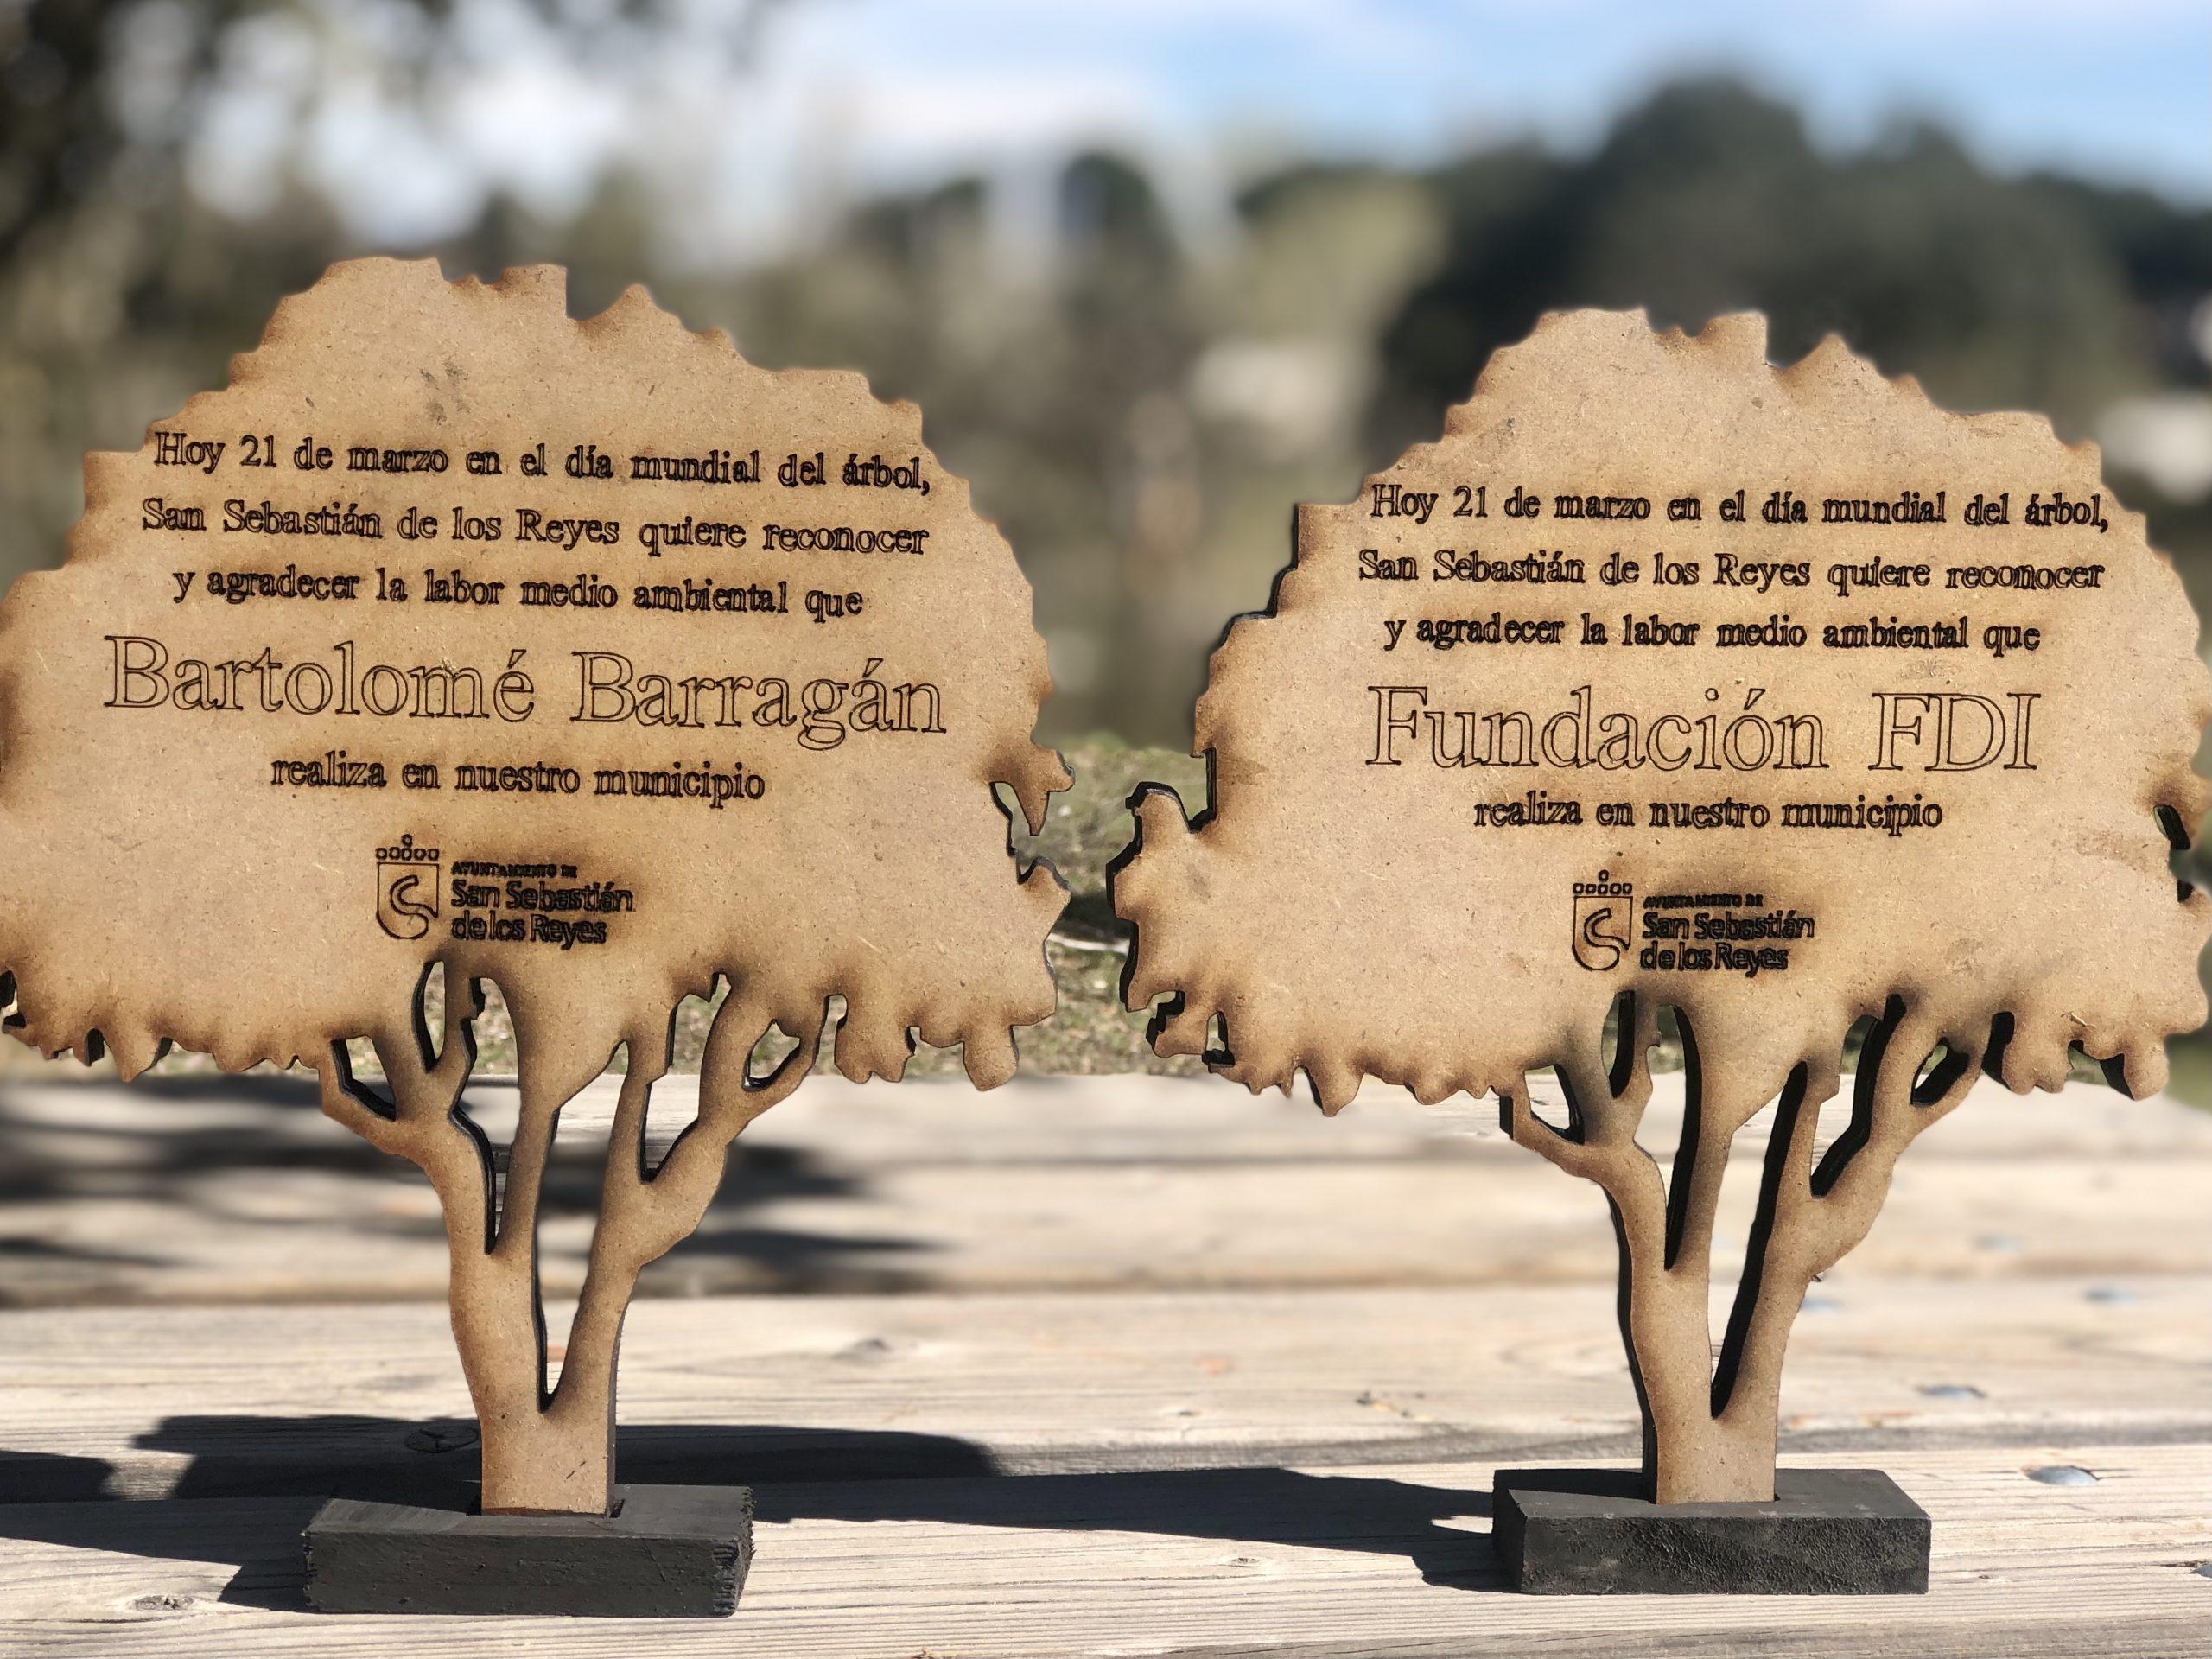 Reconocimientos día mundial del arbol Ayuntamiento de San Sebastián de los Reyes